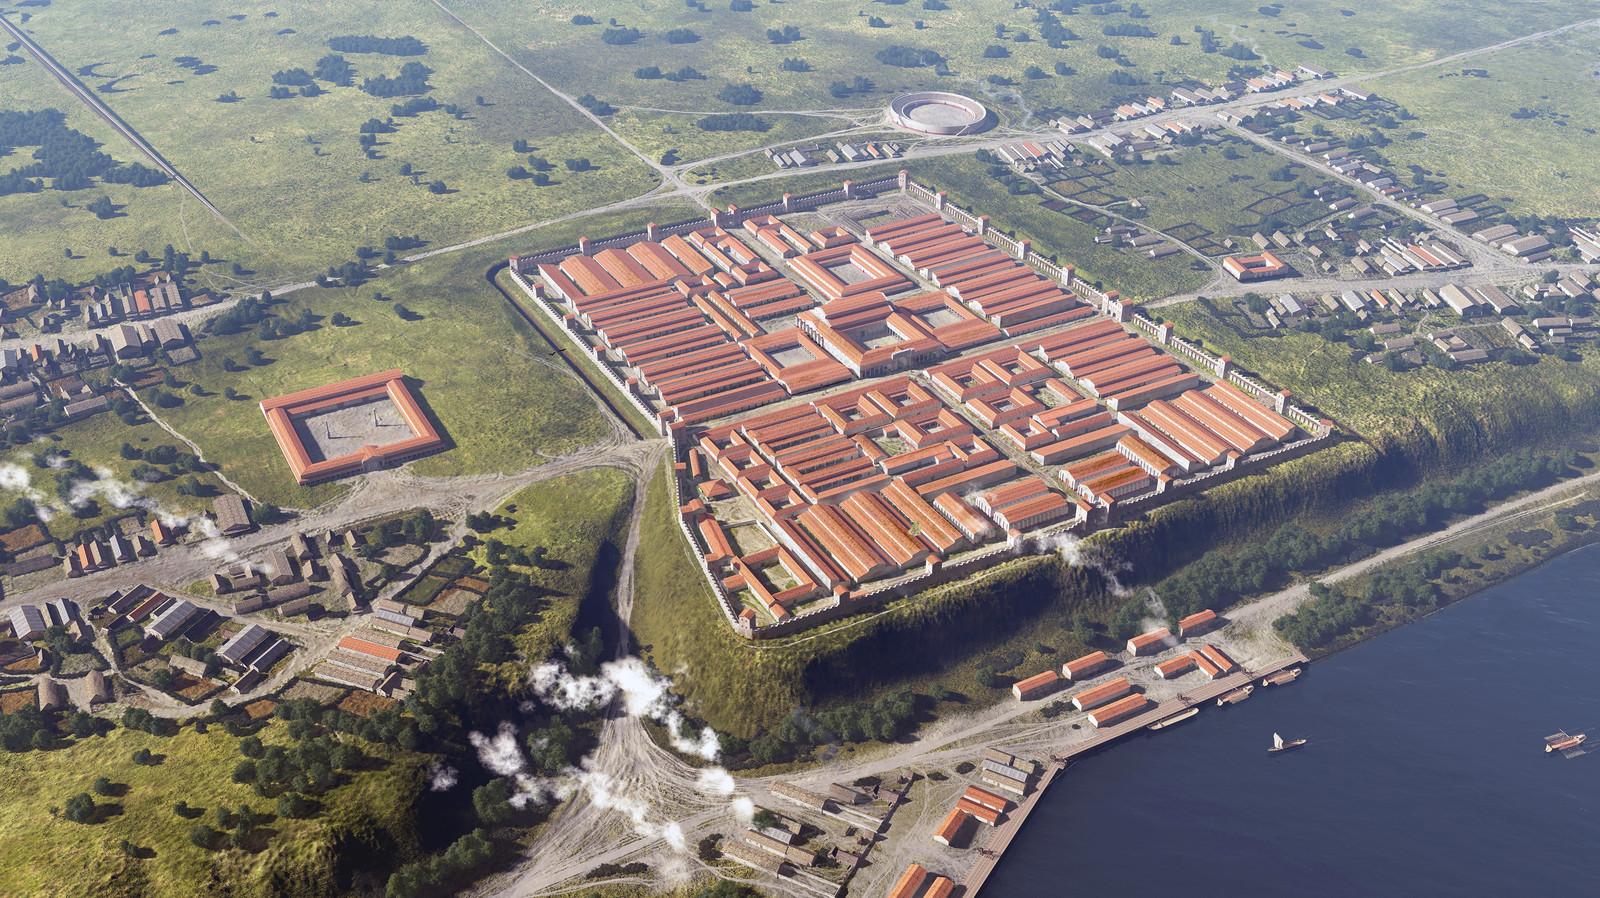 Romeinse Limes,  Nijmegen rond het jaar 100. De Romeinse stad in het oostelijk deel van de stad, een Romeins kamp met handelsmarkt.